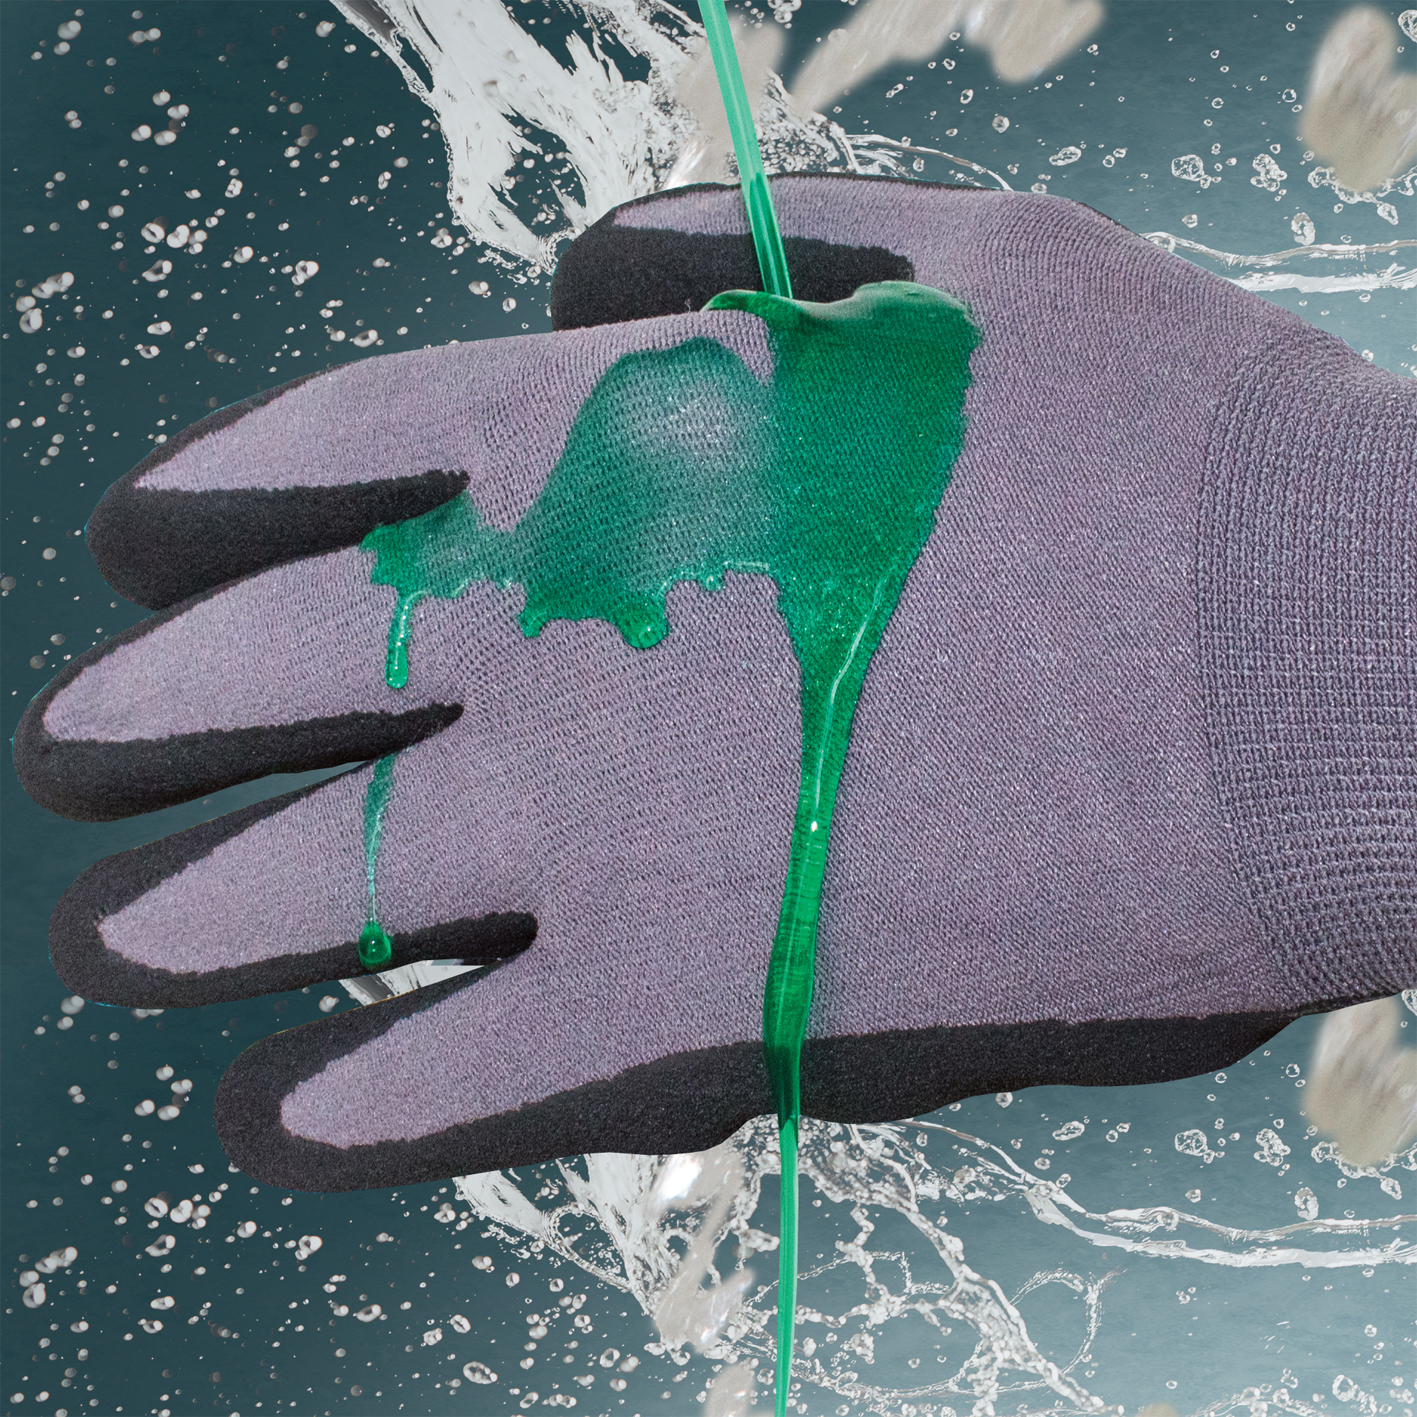 Liquid Resistant Gloves